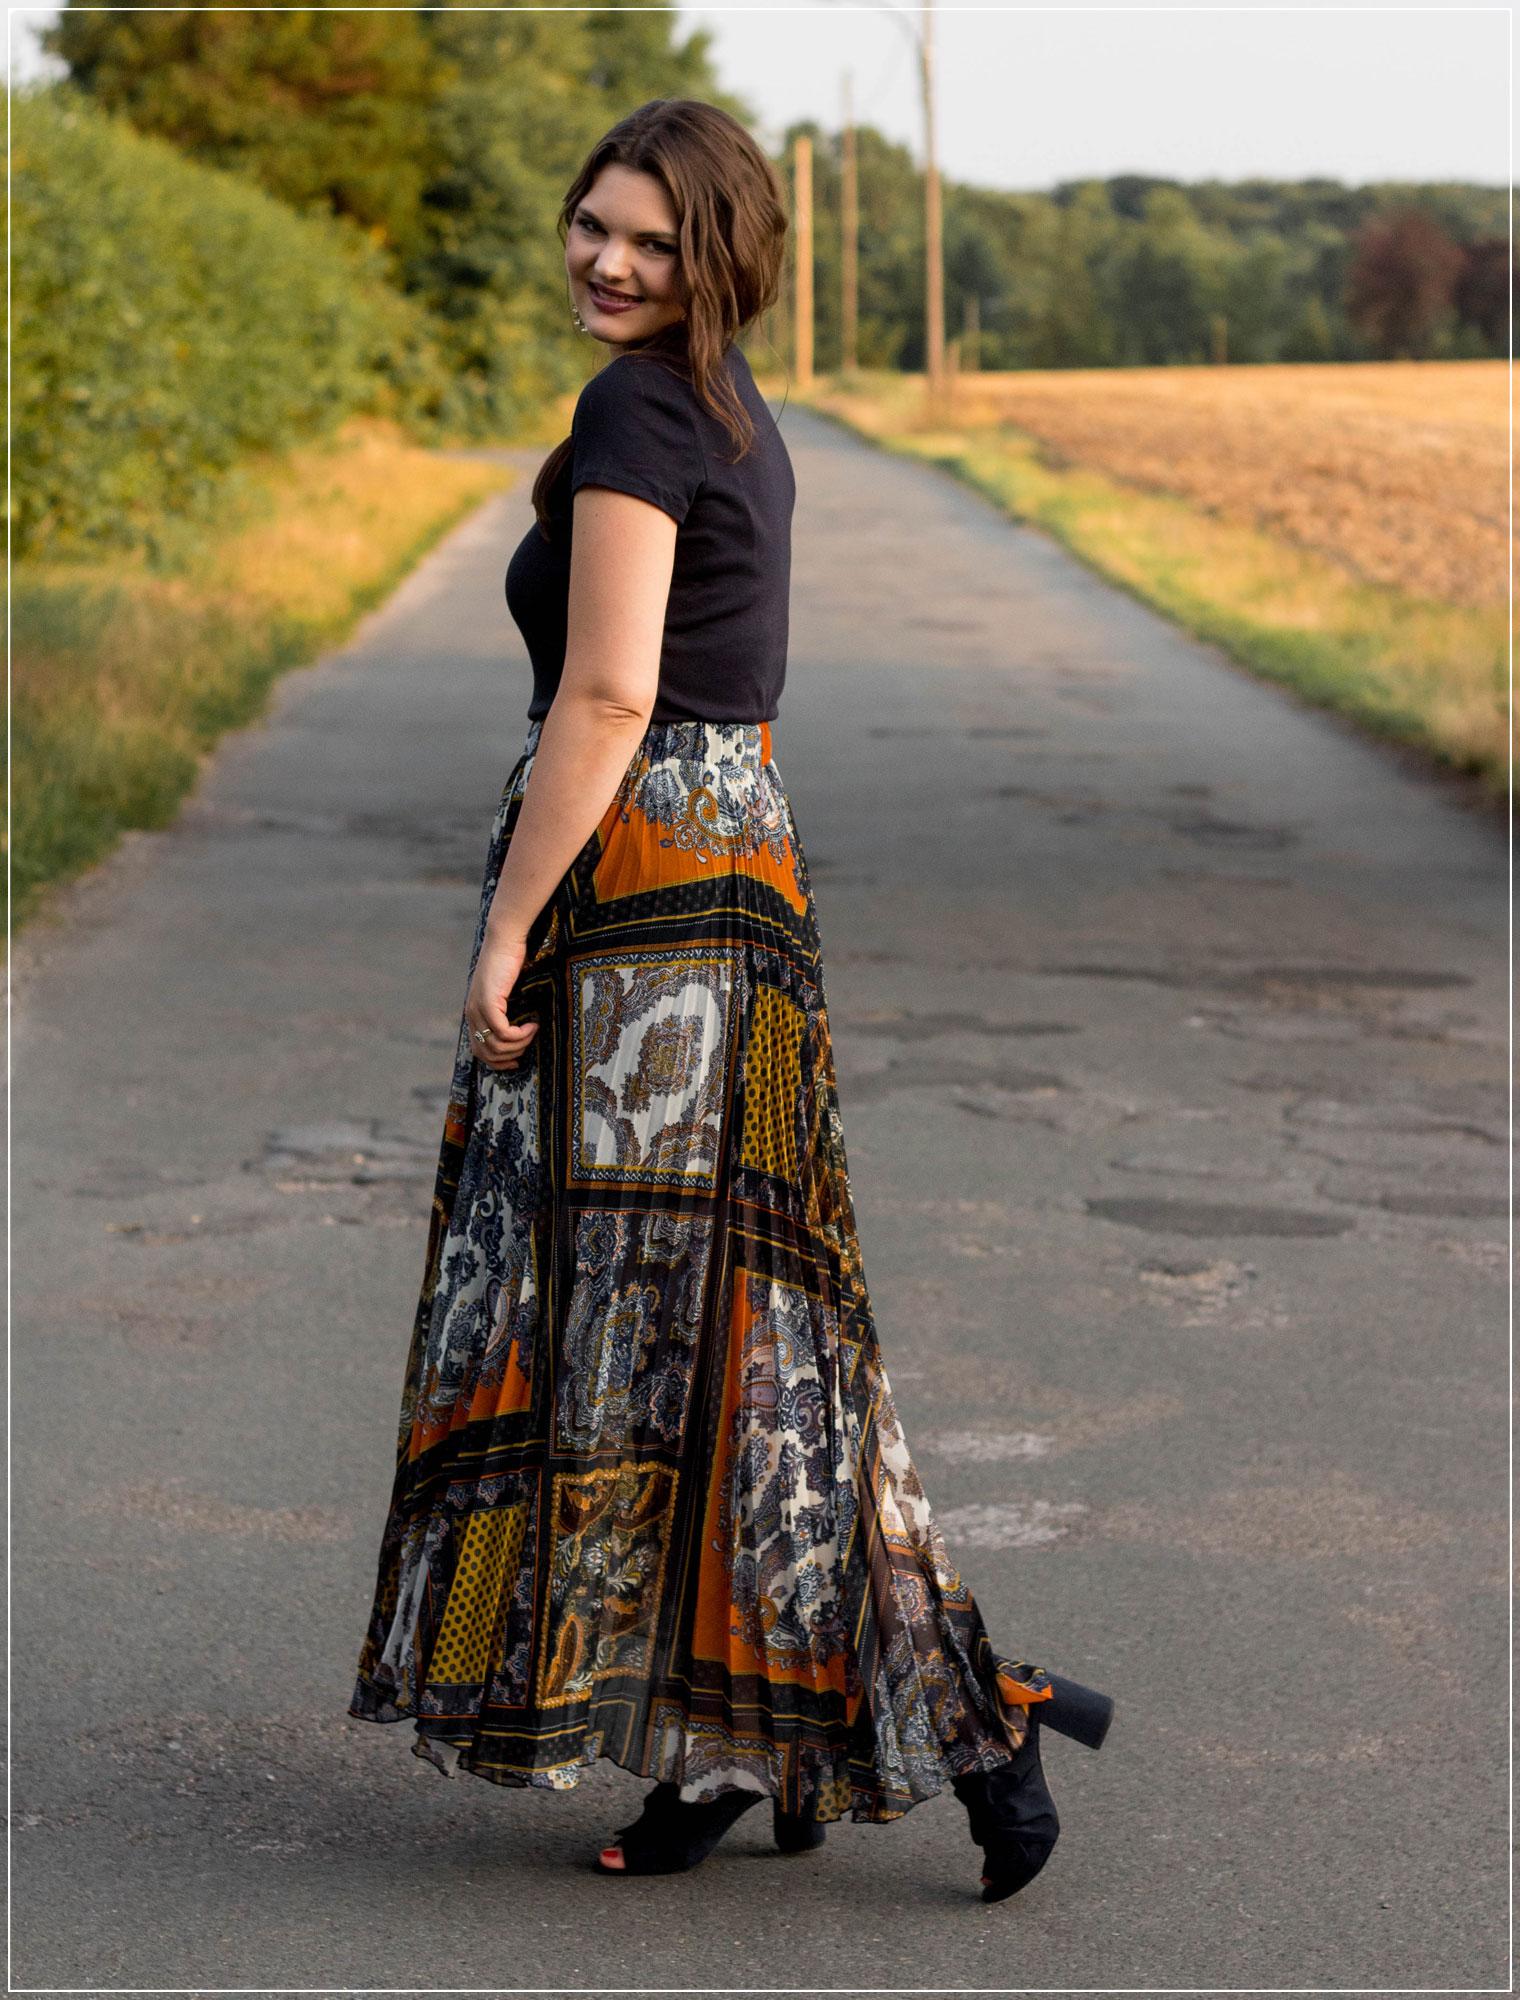 spätsommerliche Datenight, Outfit für Date, Spätsommer Look, Maxirock, Plisseerock, Modetrend, Styleguide, Outfitinspiration, Modebloggerin, Fashionbloggerin, Modeblog, Ruhrgebiet